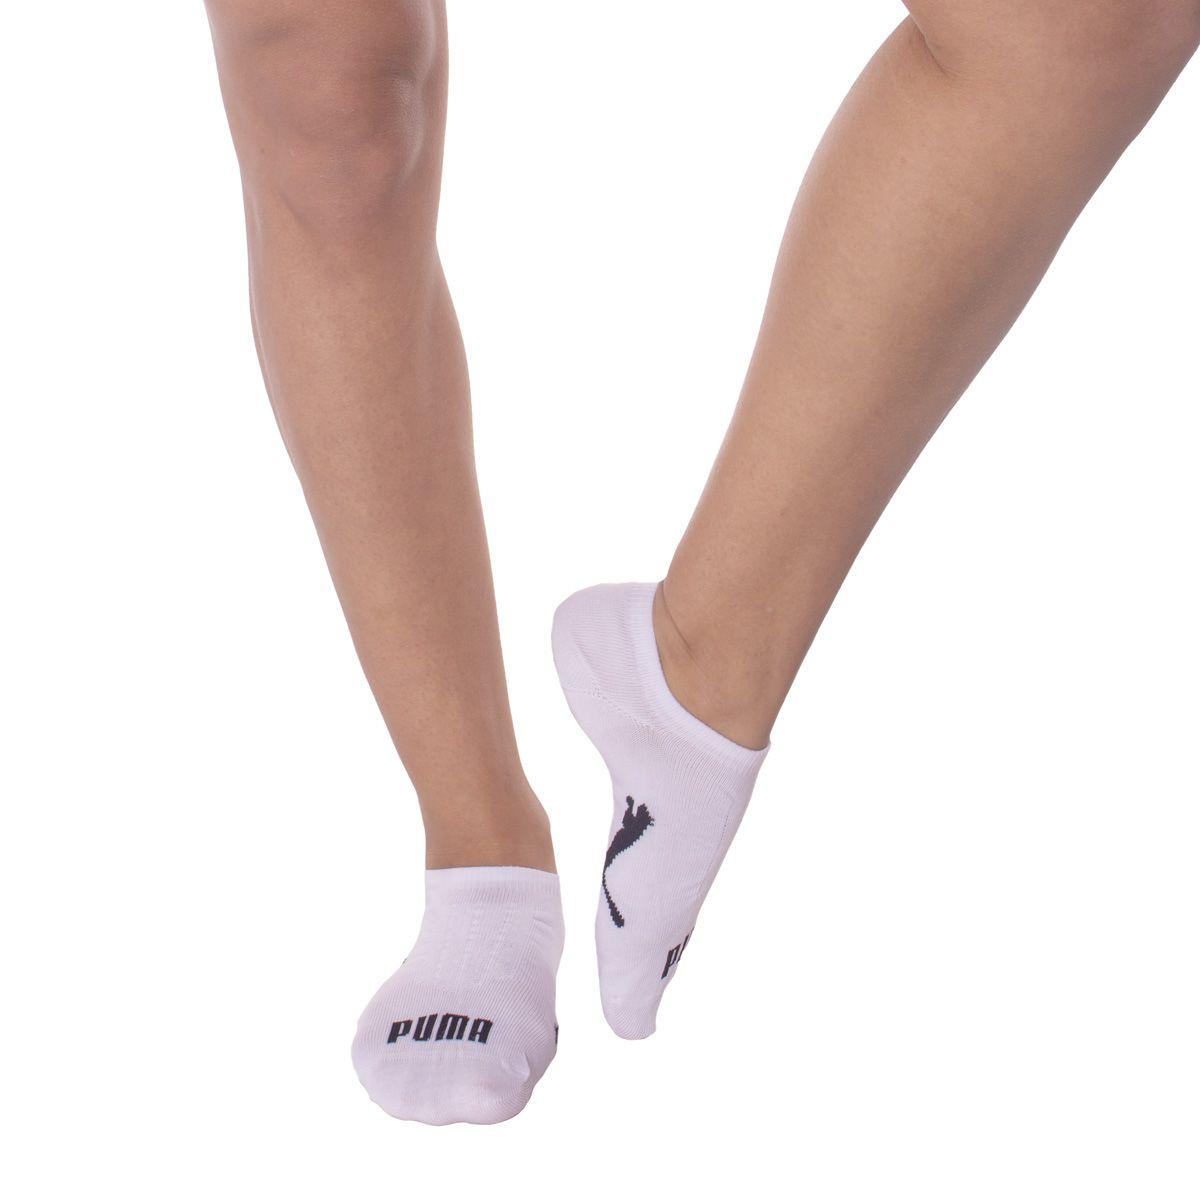 Kit de 3 pares de meias sapatilha esportiva feminina Puma